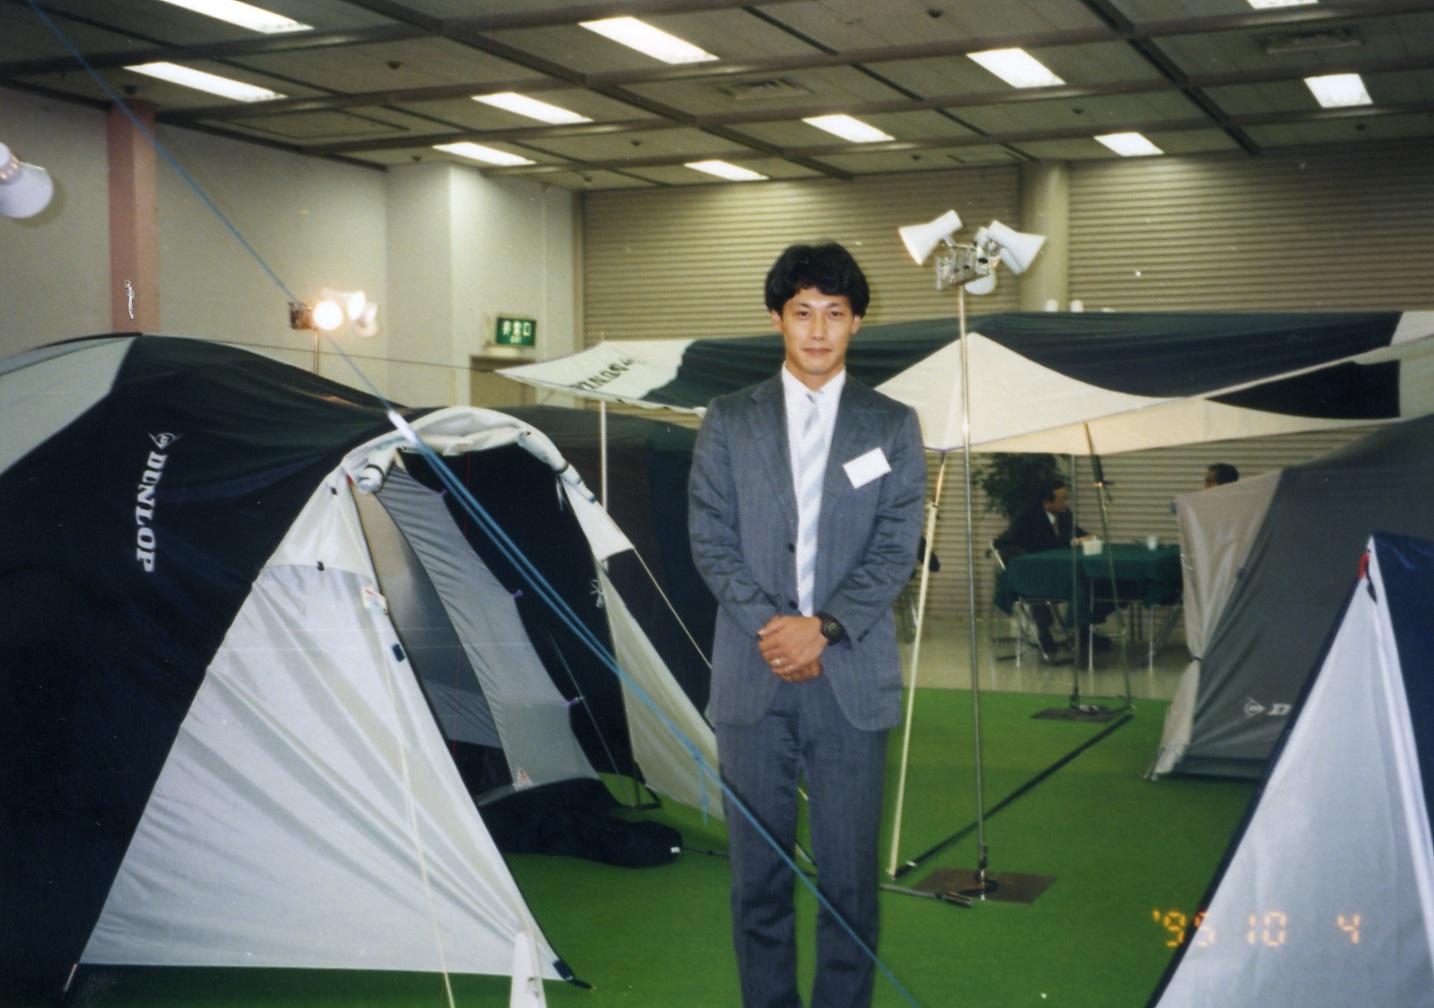 Yuichiro Sato